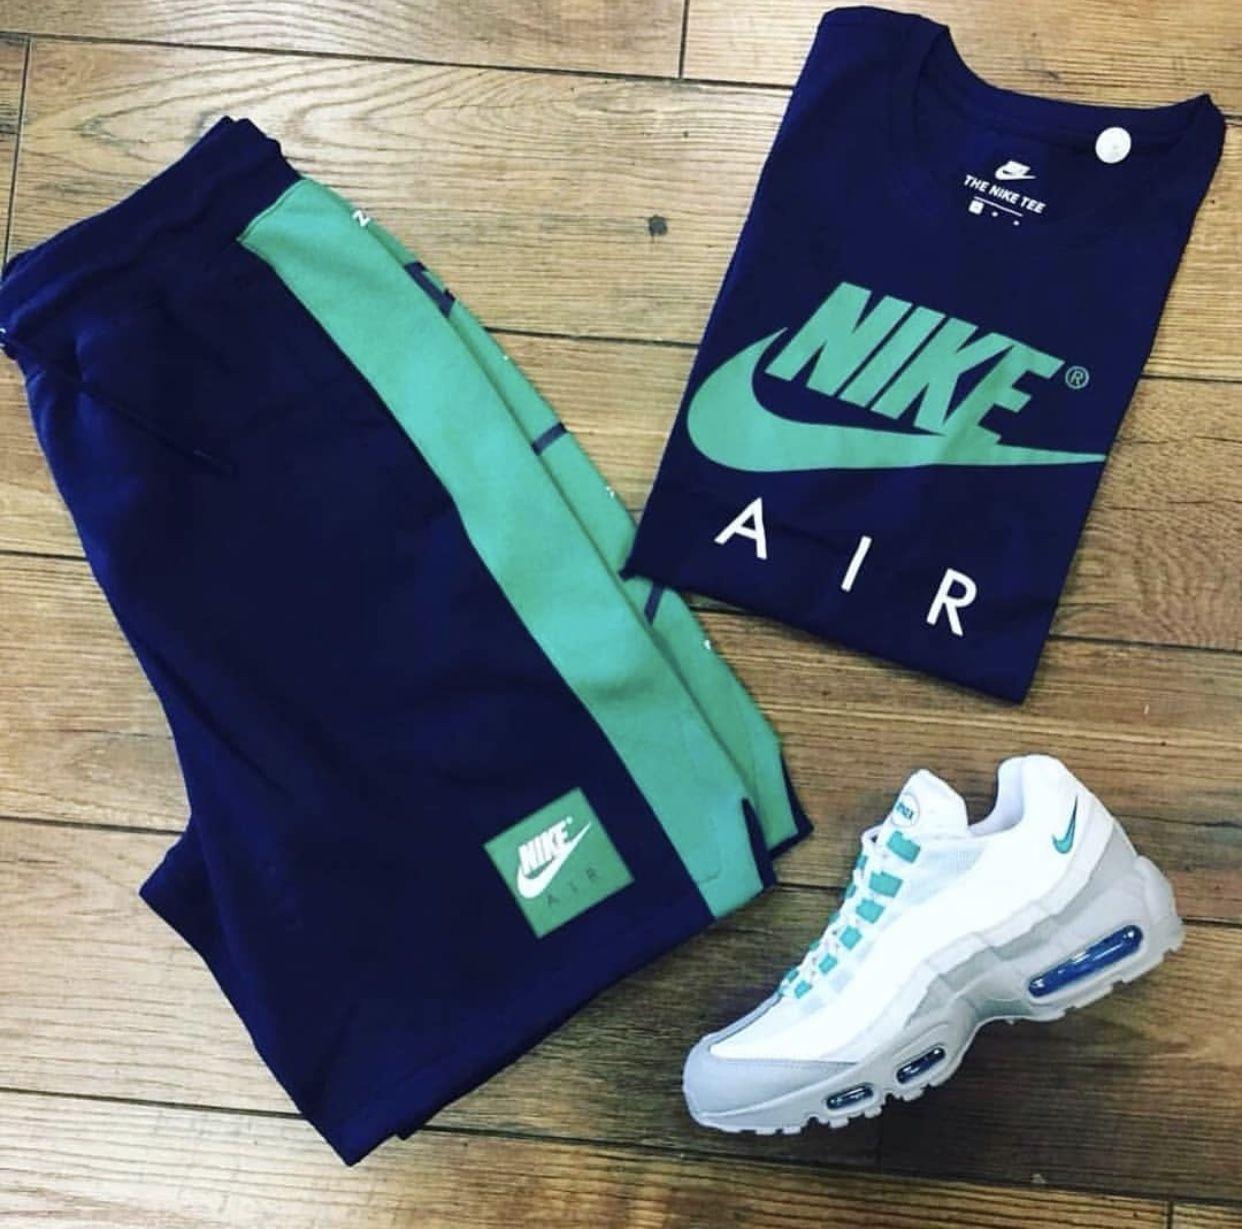 implicar Escribe un reporte Archivo  Pin de Hhst en Social media | Nike ropa hombre, Ropa cool para hombre, Ropa  de hombre